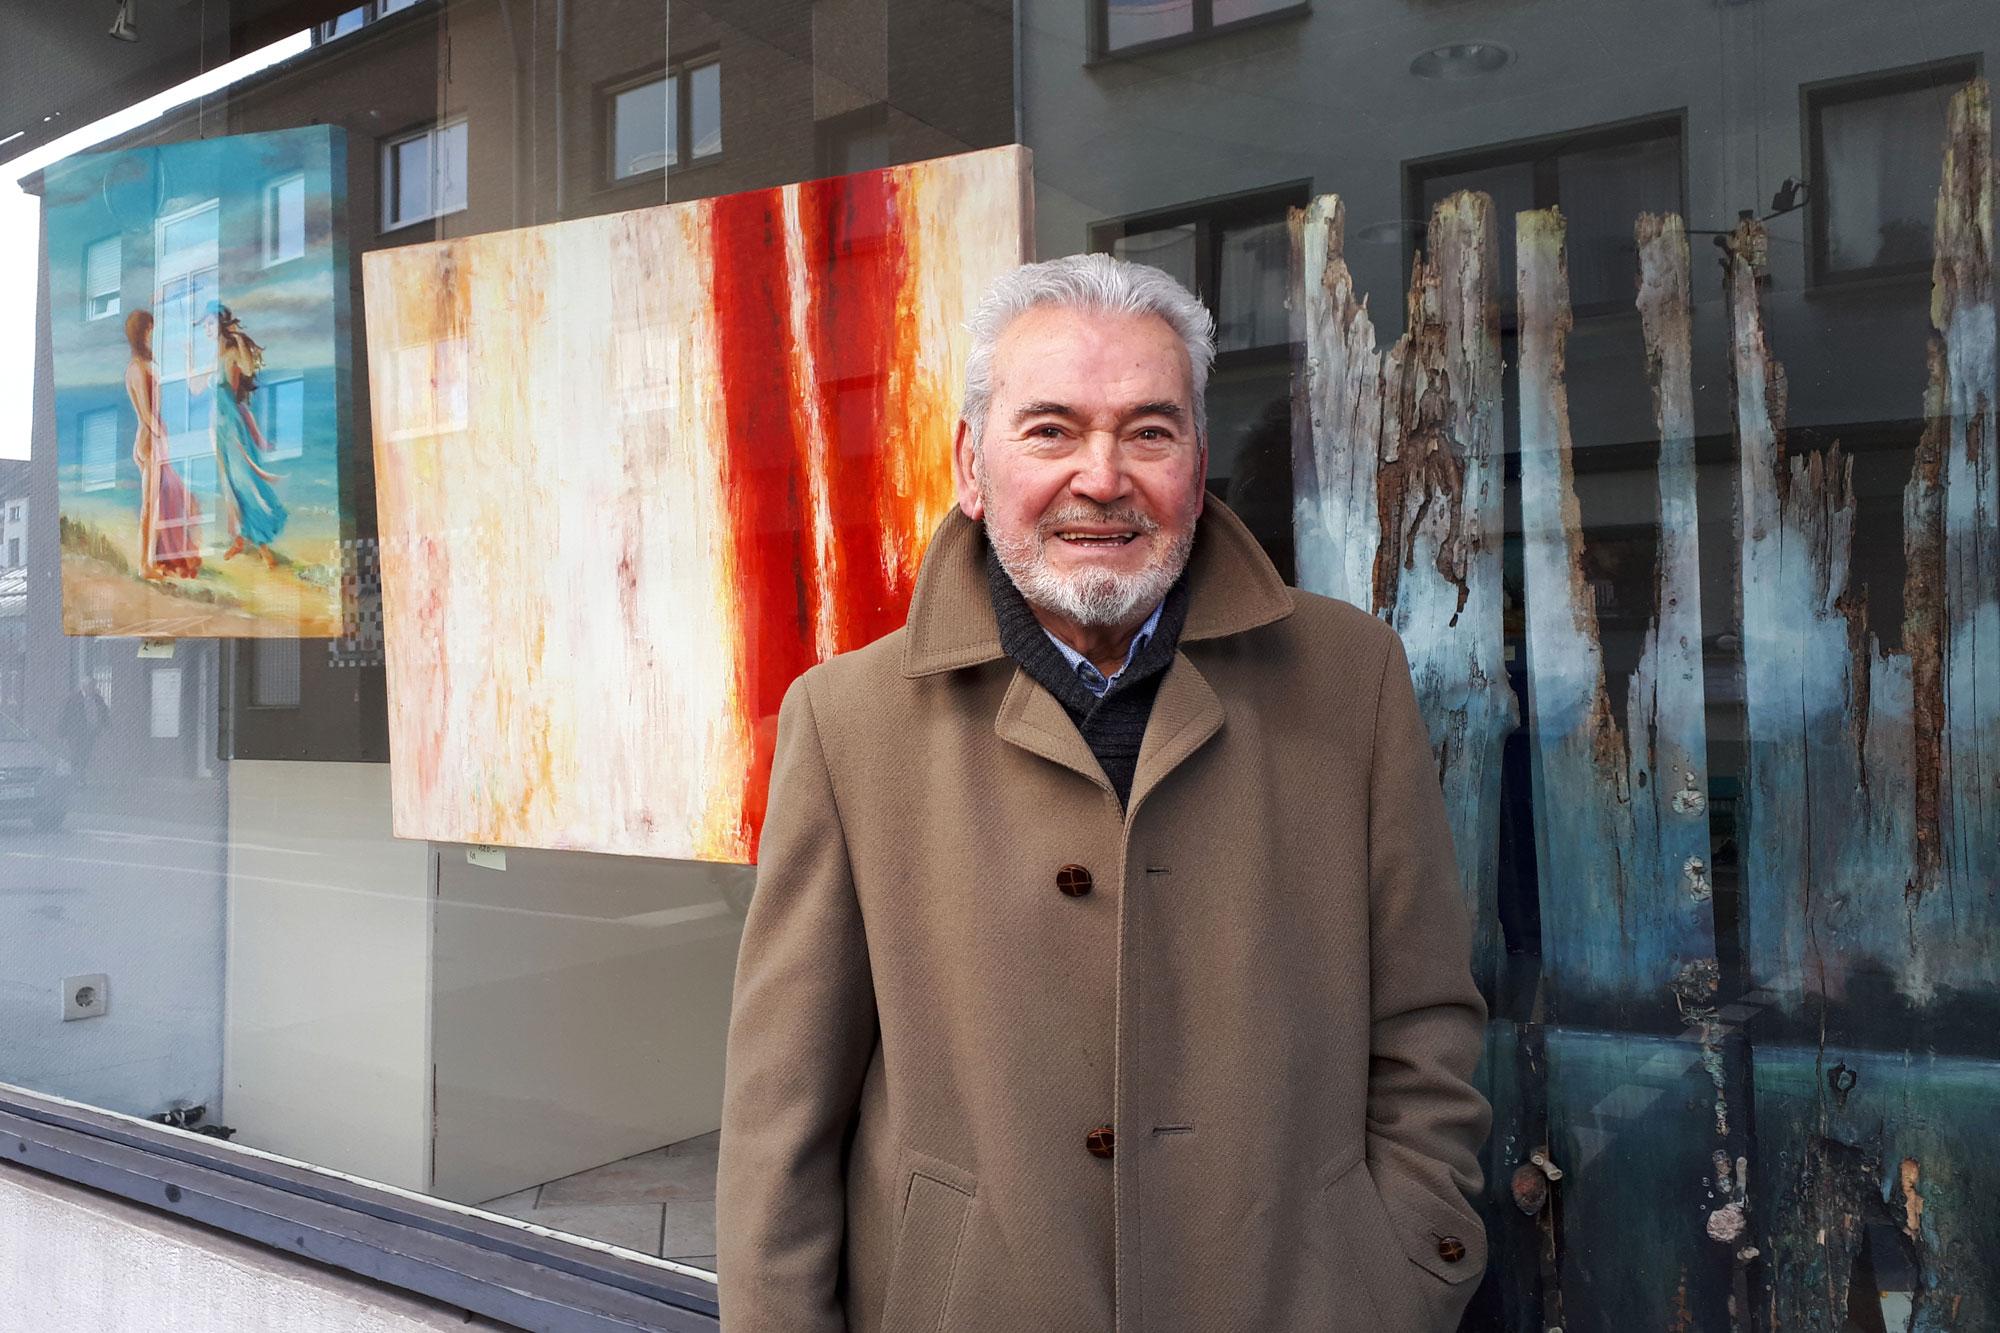 Der Künstler Istvan Djapjas vor seinem Schaufenster. (Foto: SKM Rheydt)